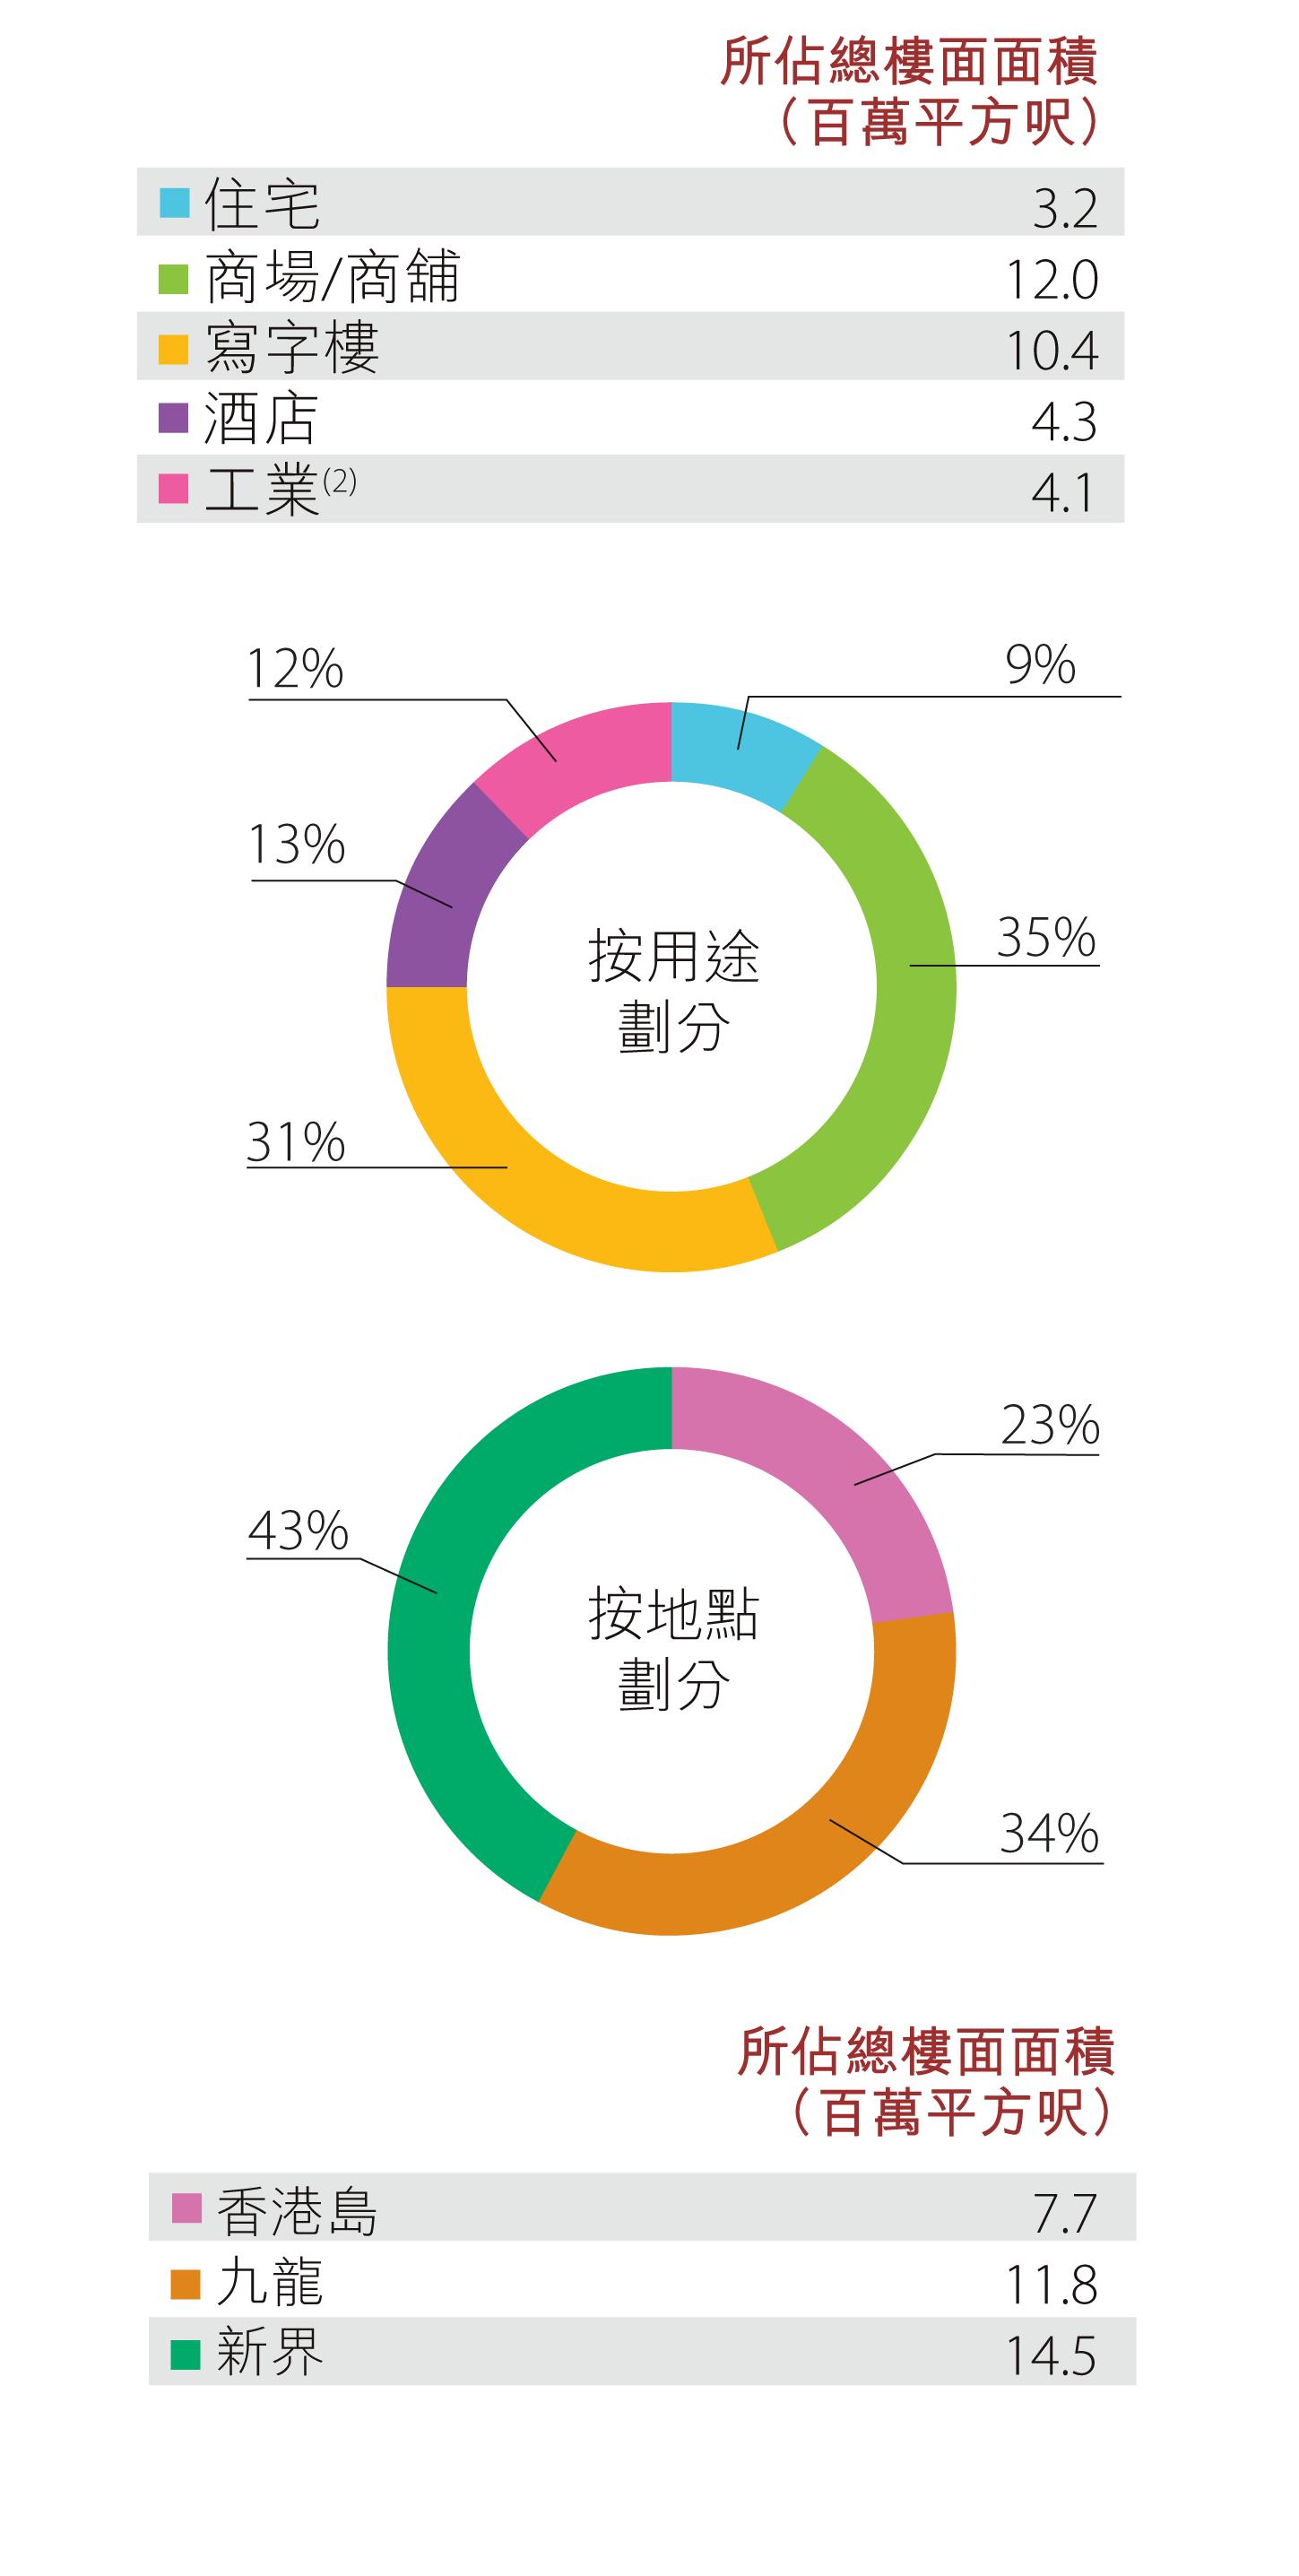 香港土地儲備 - 已落成物業